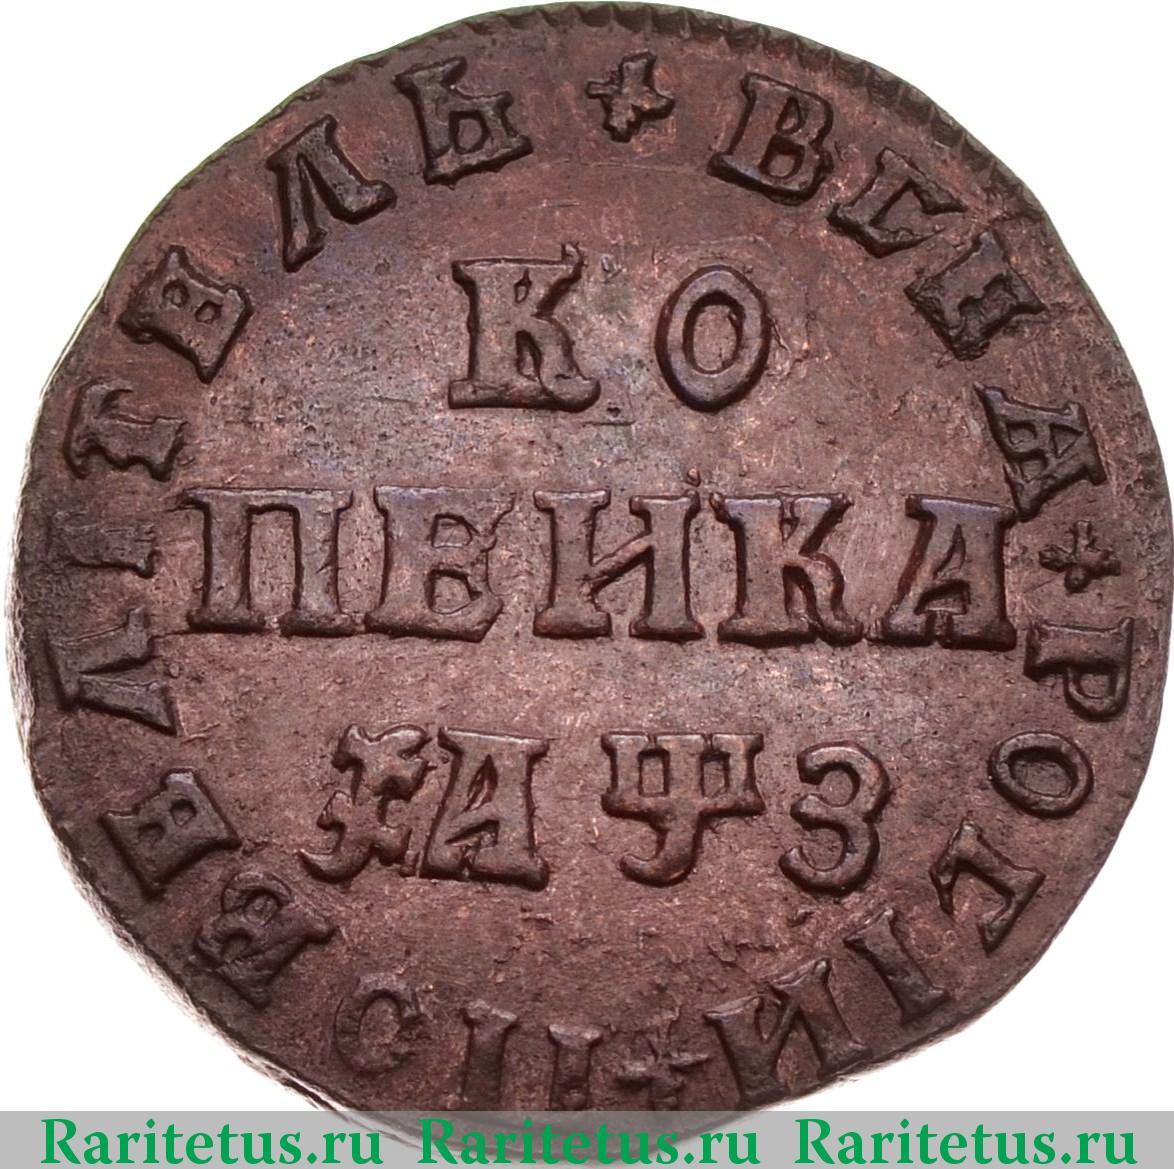 Медь цена за 1 кг в Великий Двор прием металлолома в Ерново